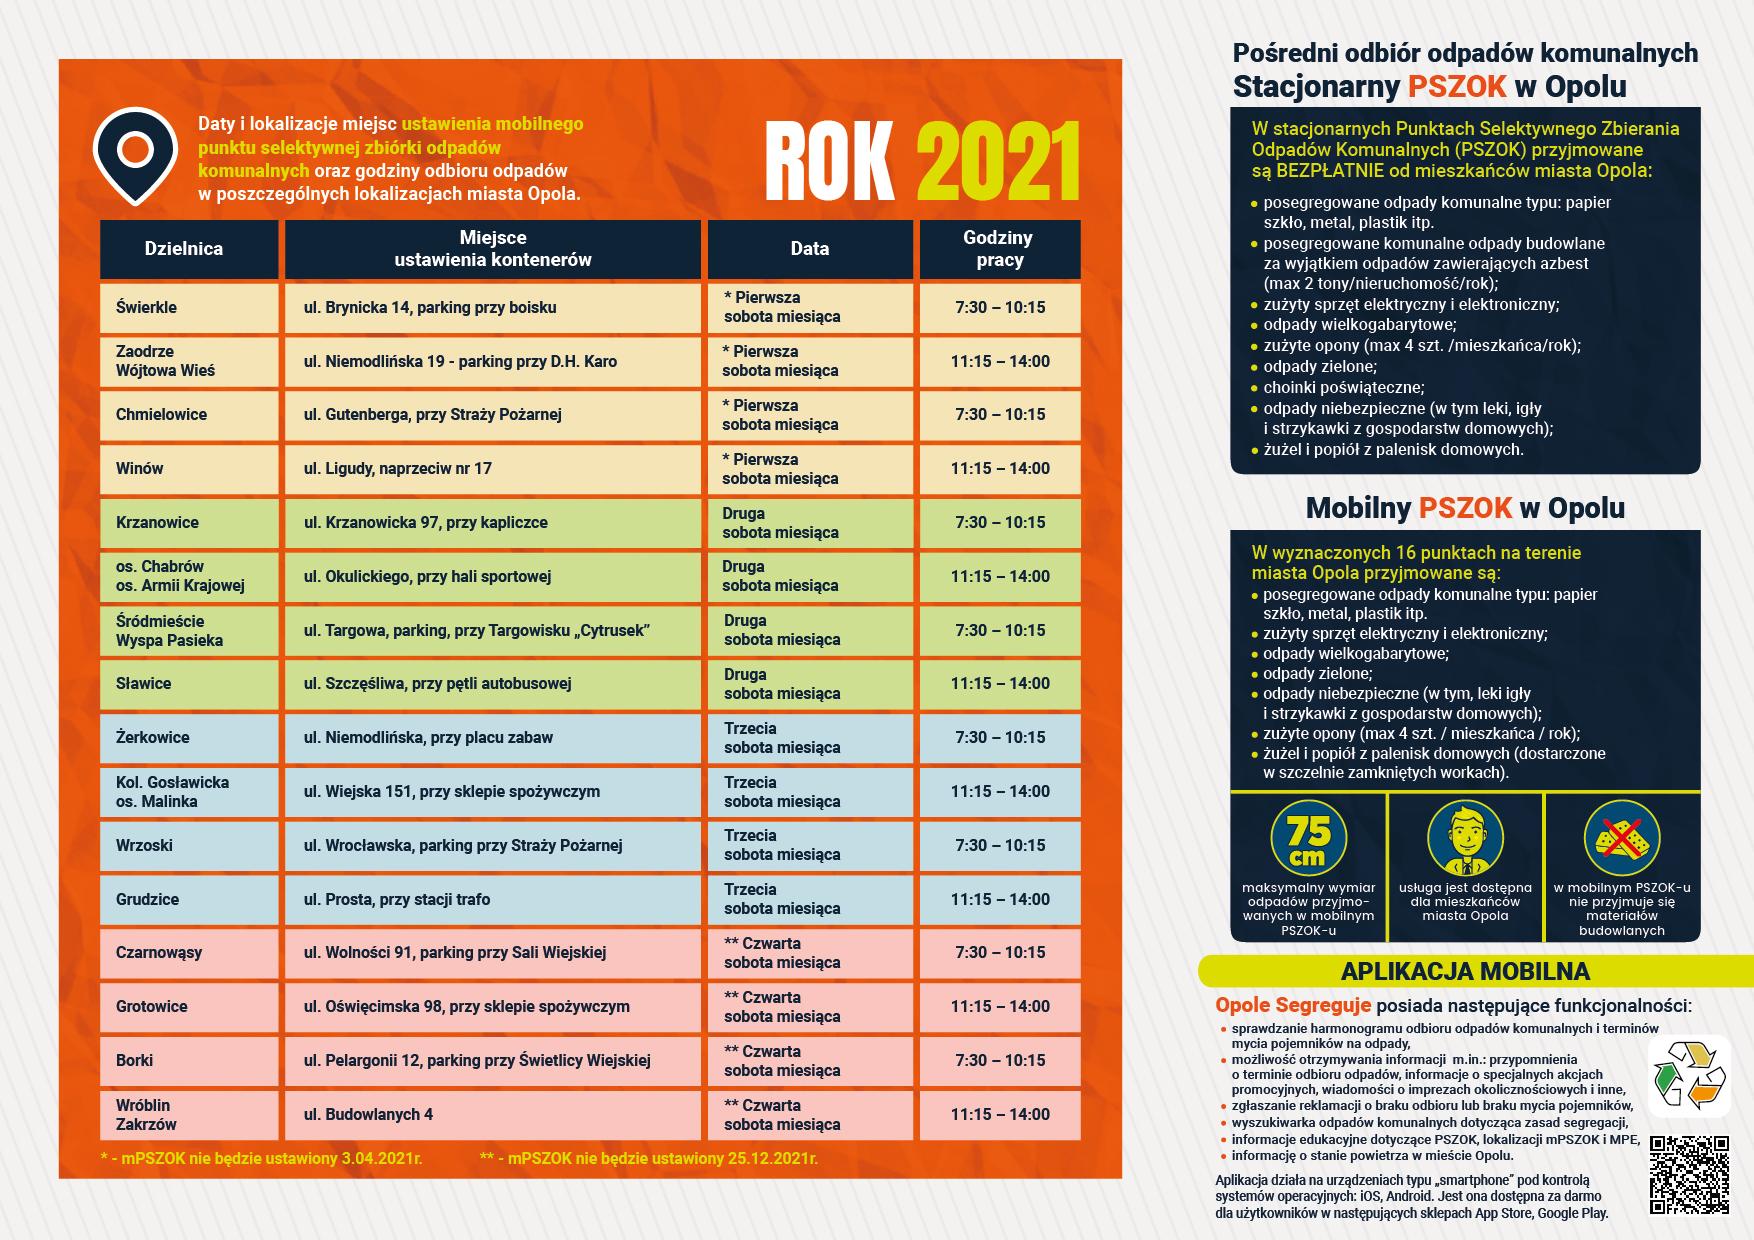 ulotka_pszok_mpe_2021_podglad_poprawki_v04-02